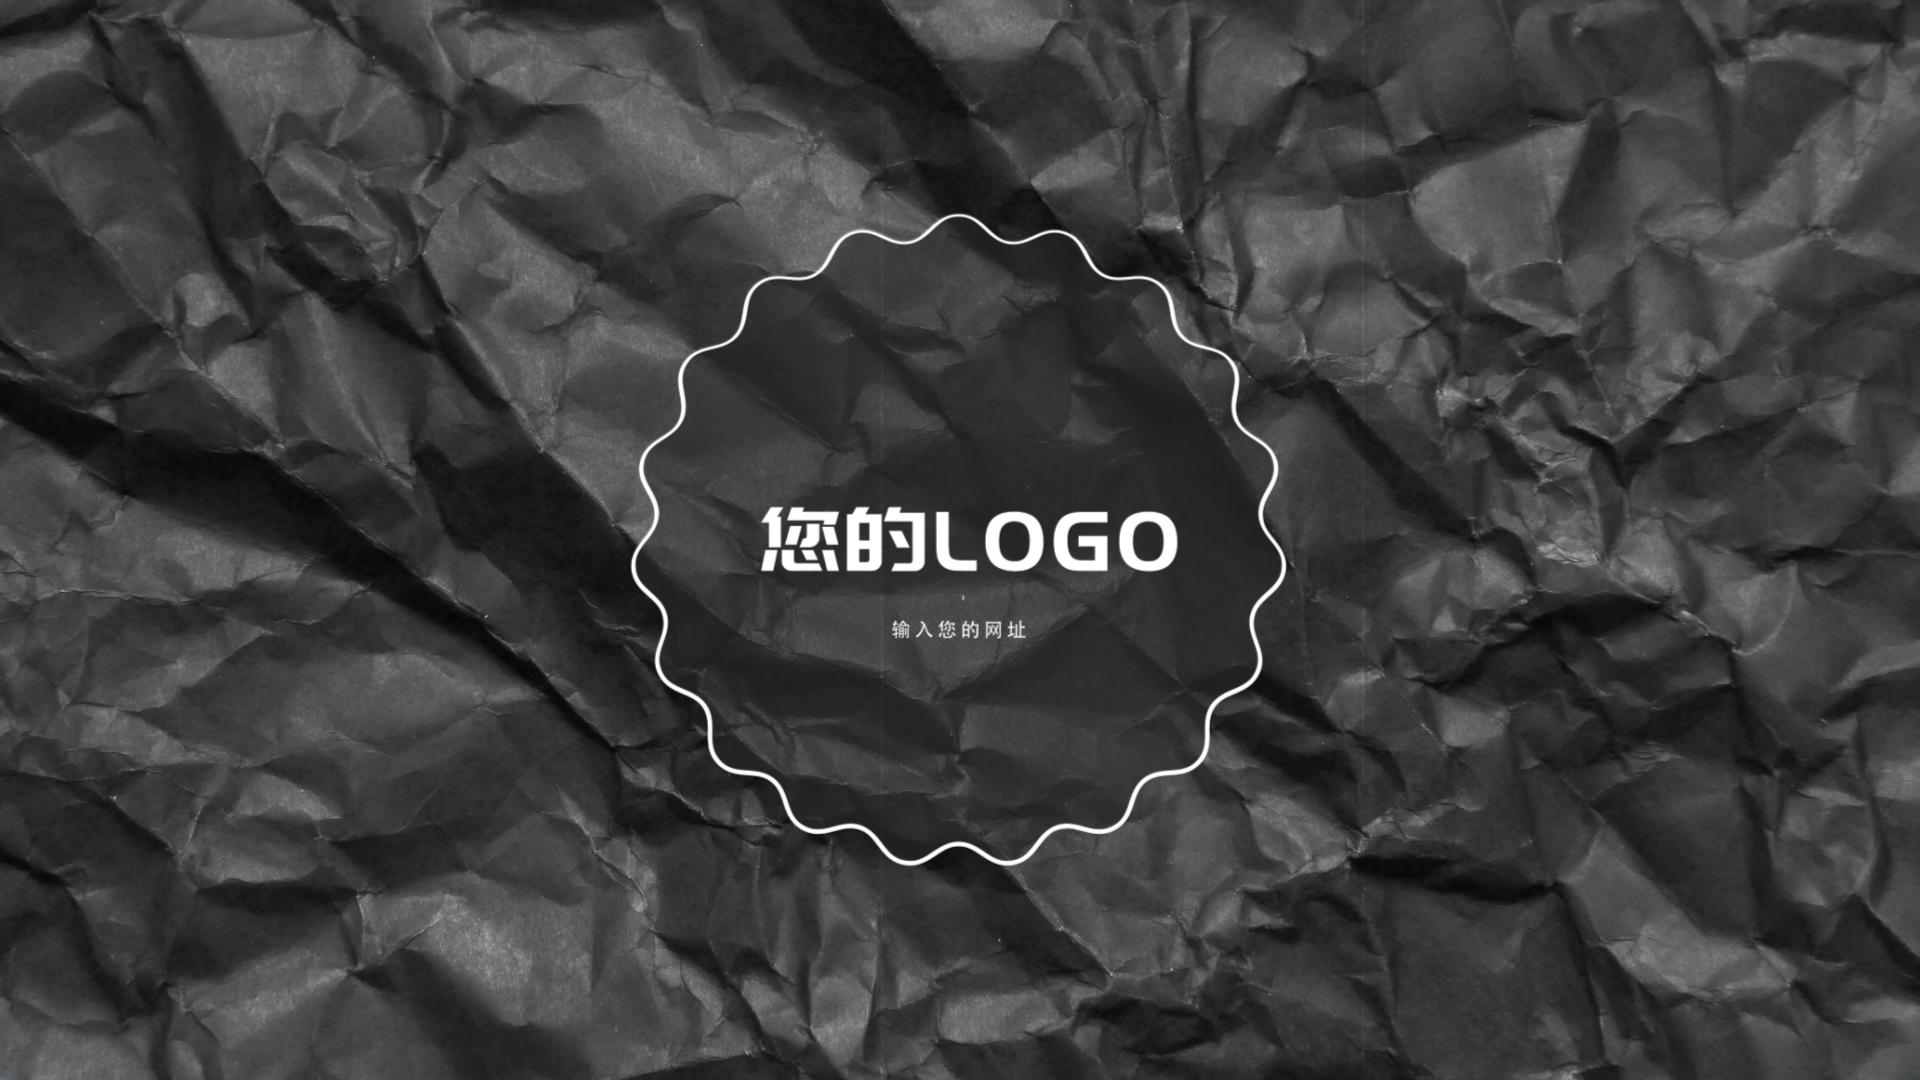 AE模版-创意折纸折痕文字标题LOGO